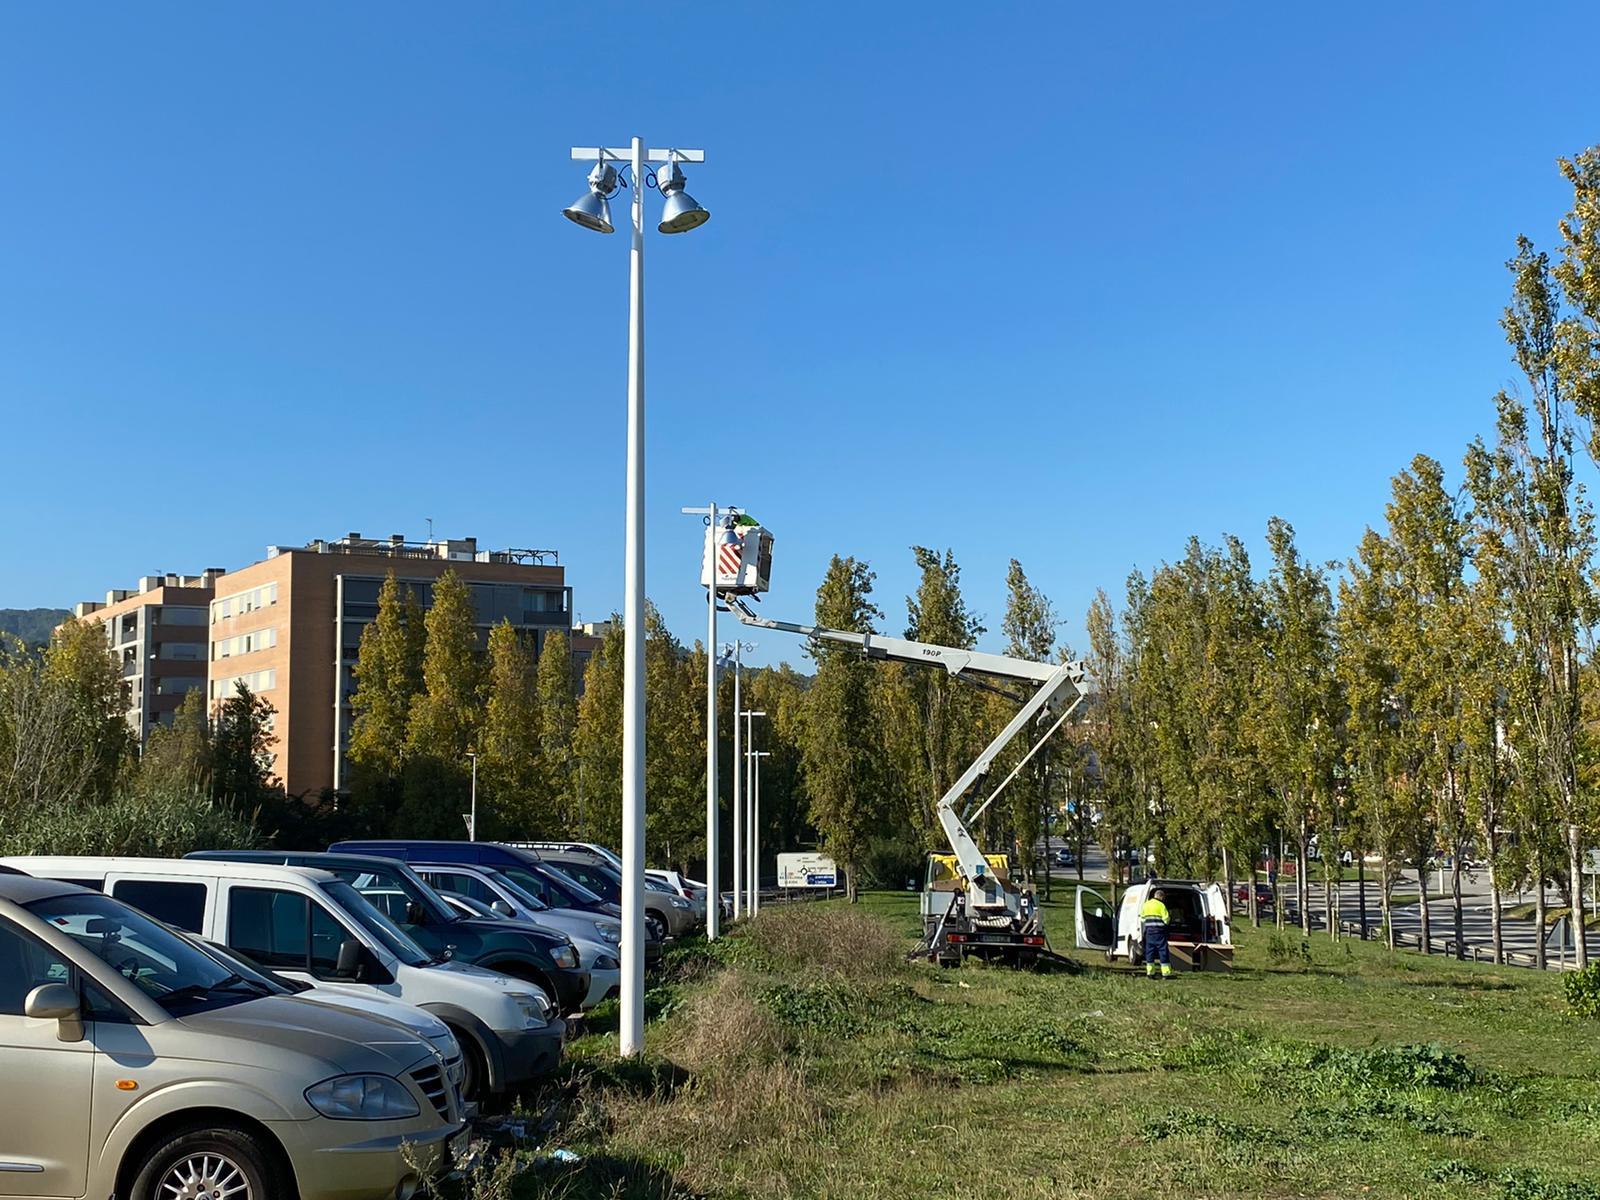 L'aparcament del Josep Pla doblarà la seva capacitat